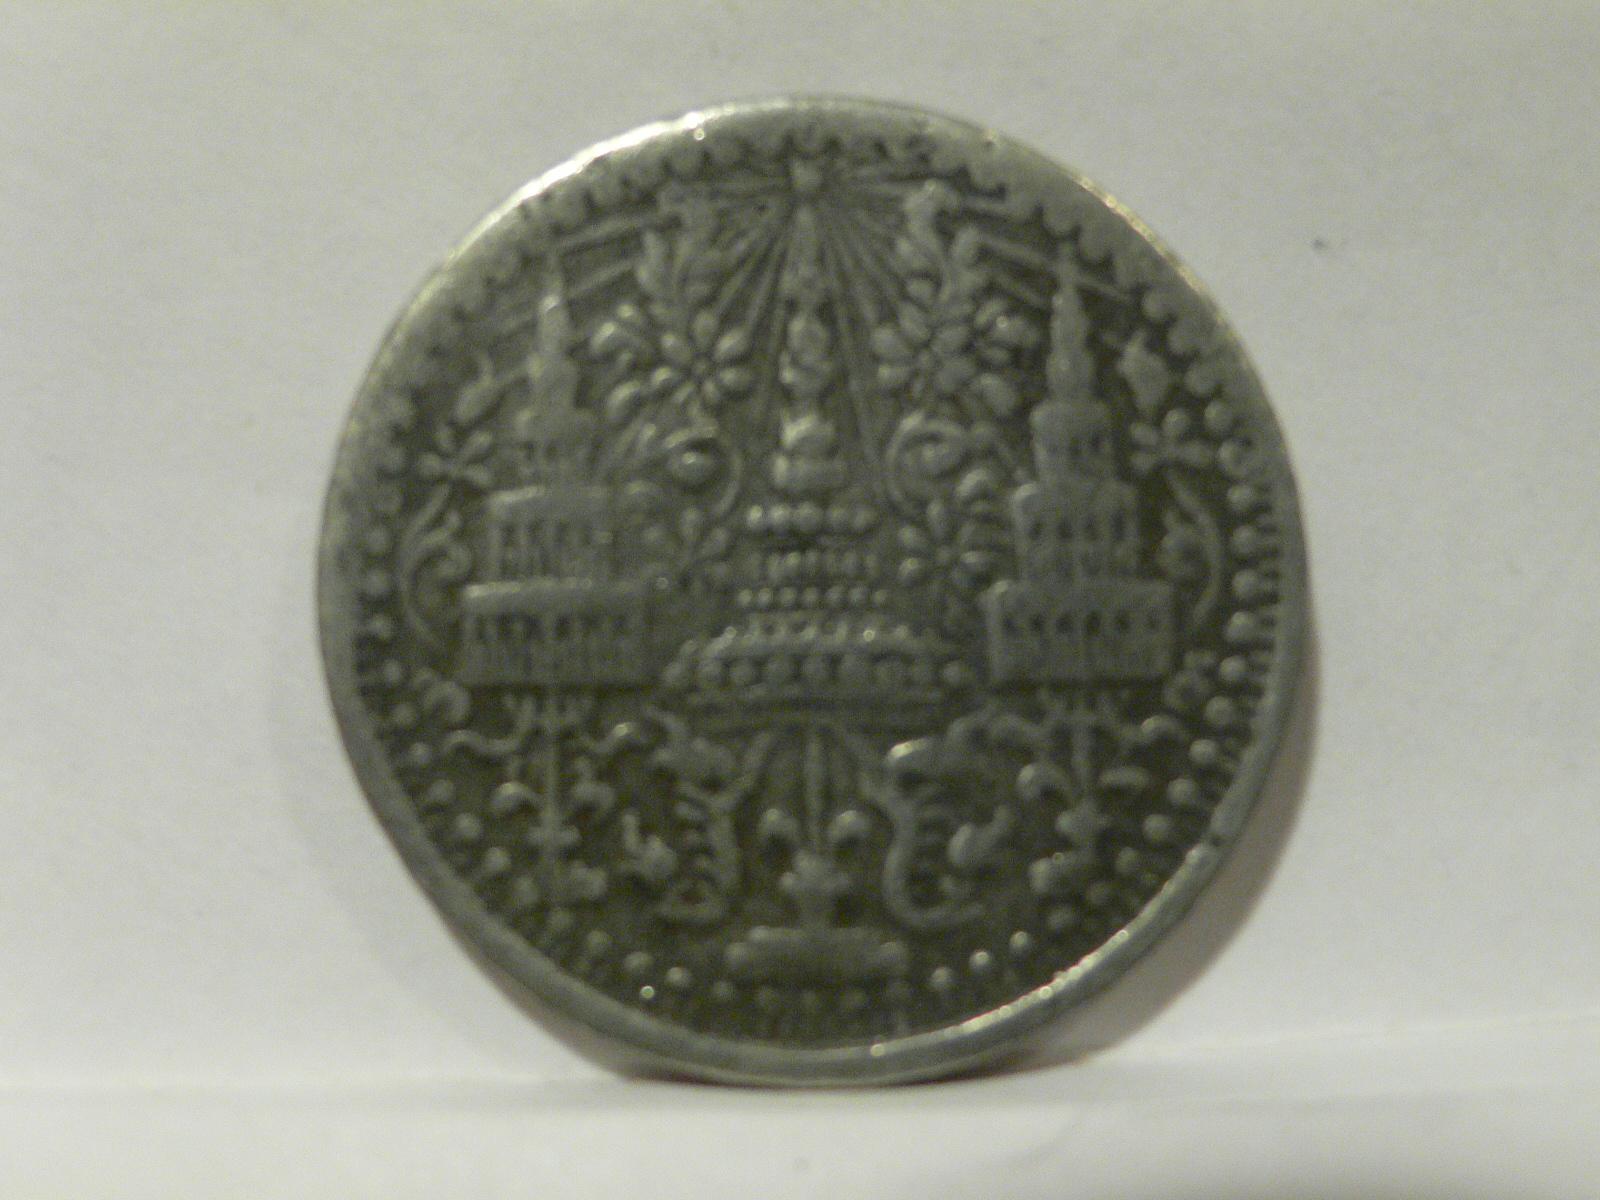 FOREIGN COINS & PAPER MONEY  Vieira Coins & Collectibles